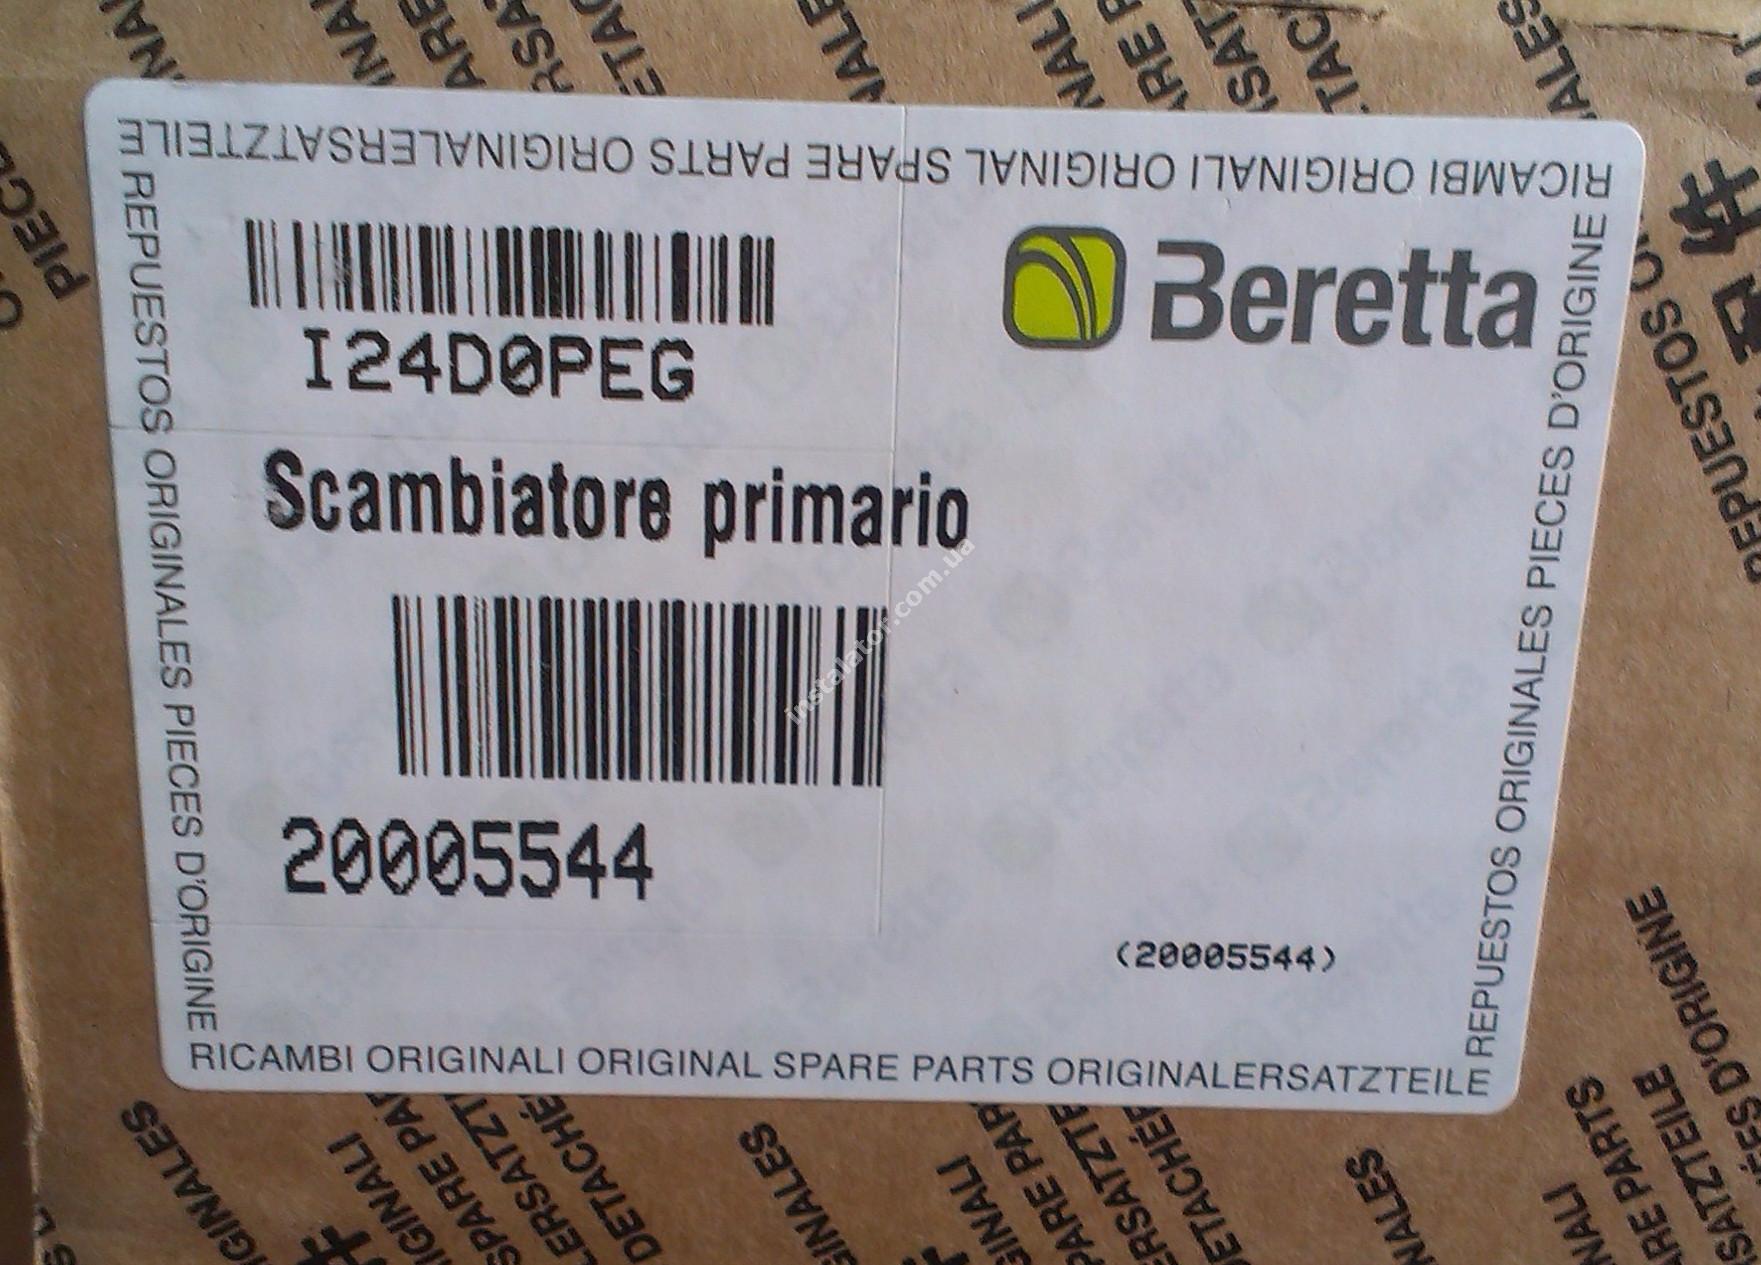 20005544 Теплообмінник бітермічний BERETTA CIAO J 24 CSI/CIAO D 24 CSI (з 2010р.) full-image-3